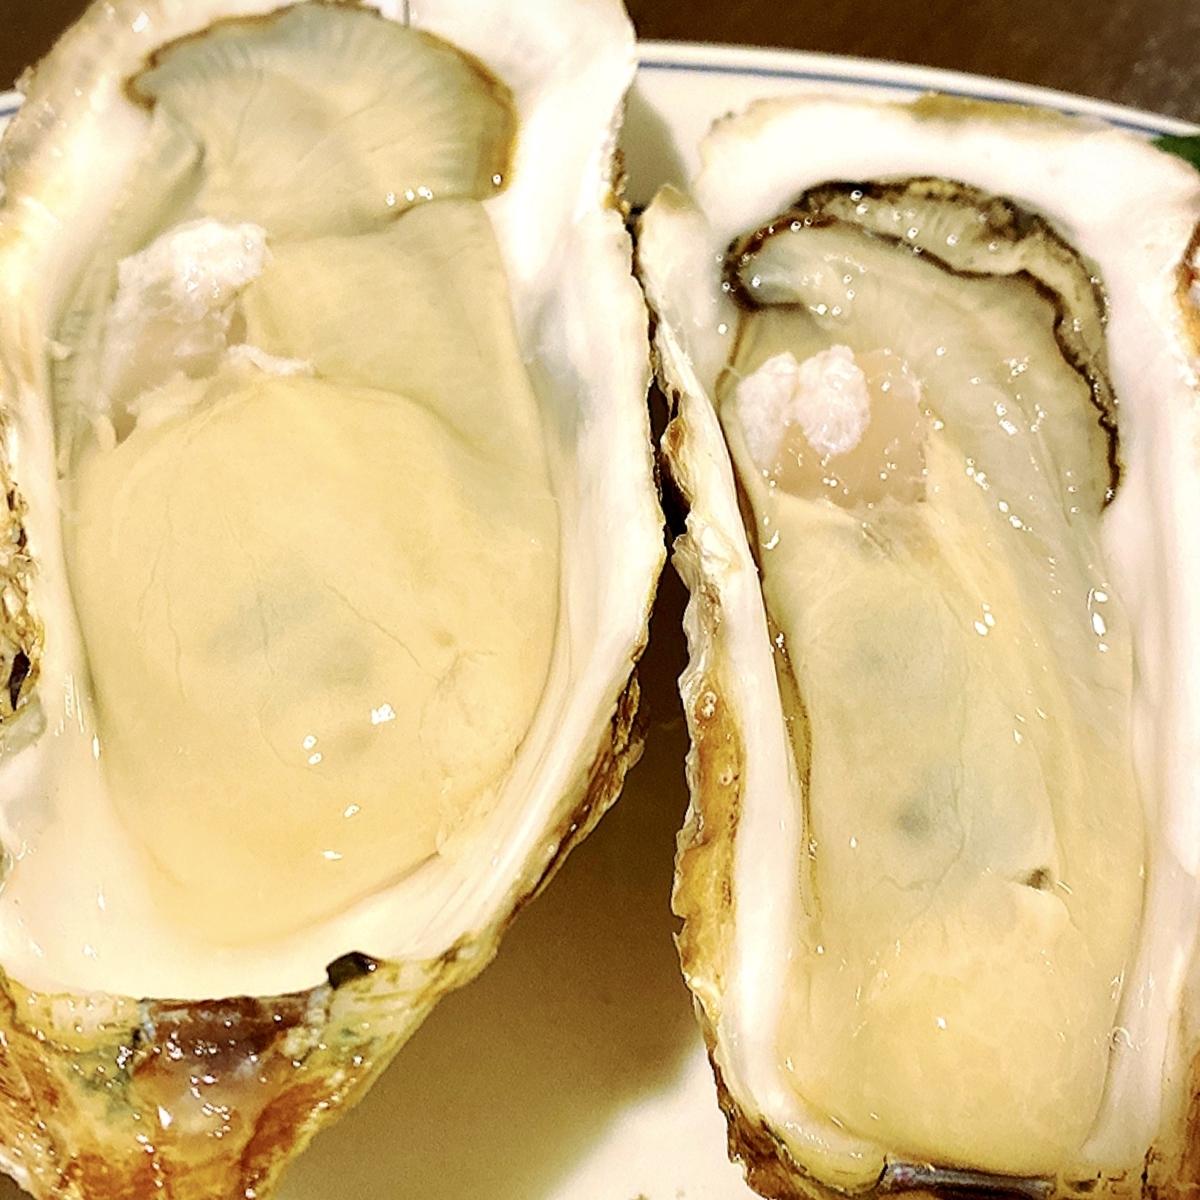 東京駅近でコスパ良く牡蠣や海鮮を堪能できる居酒屋!牡蠣は1個299円から!?